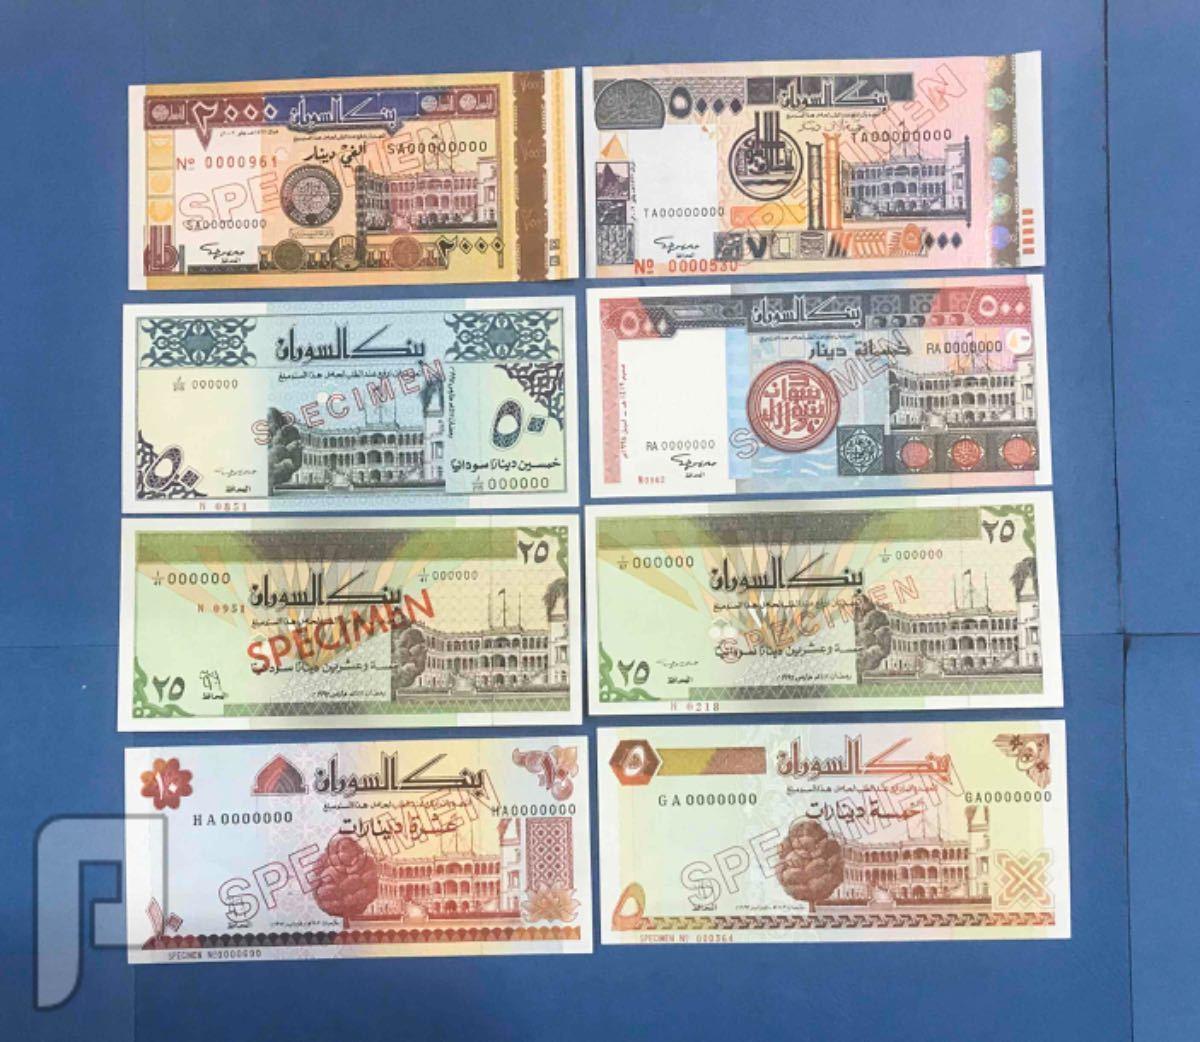 عملات السودان نموذج انسر مجموعات واطقم البند5